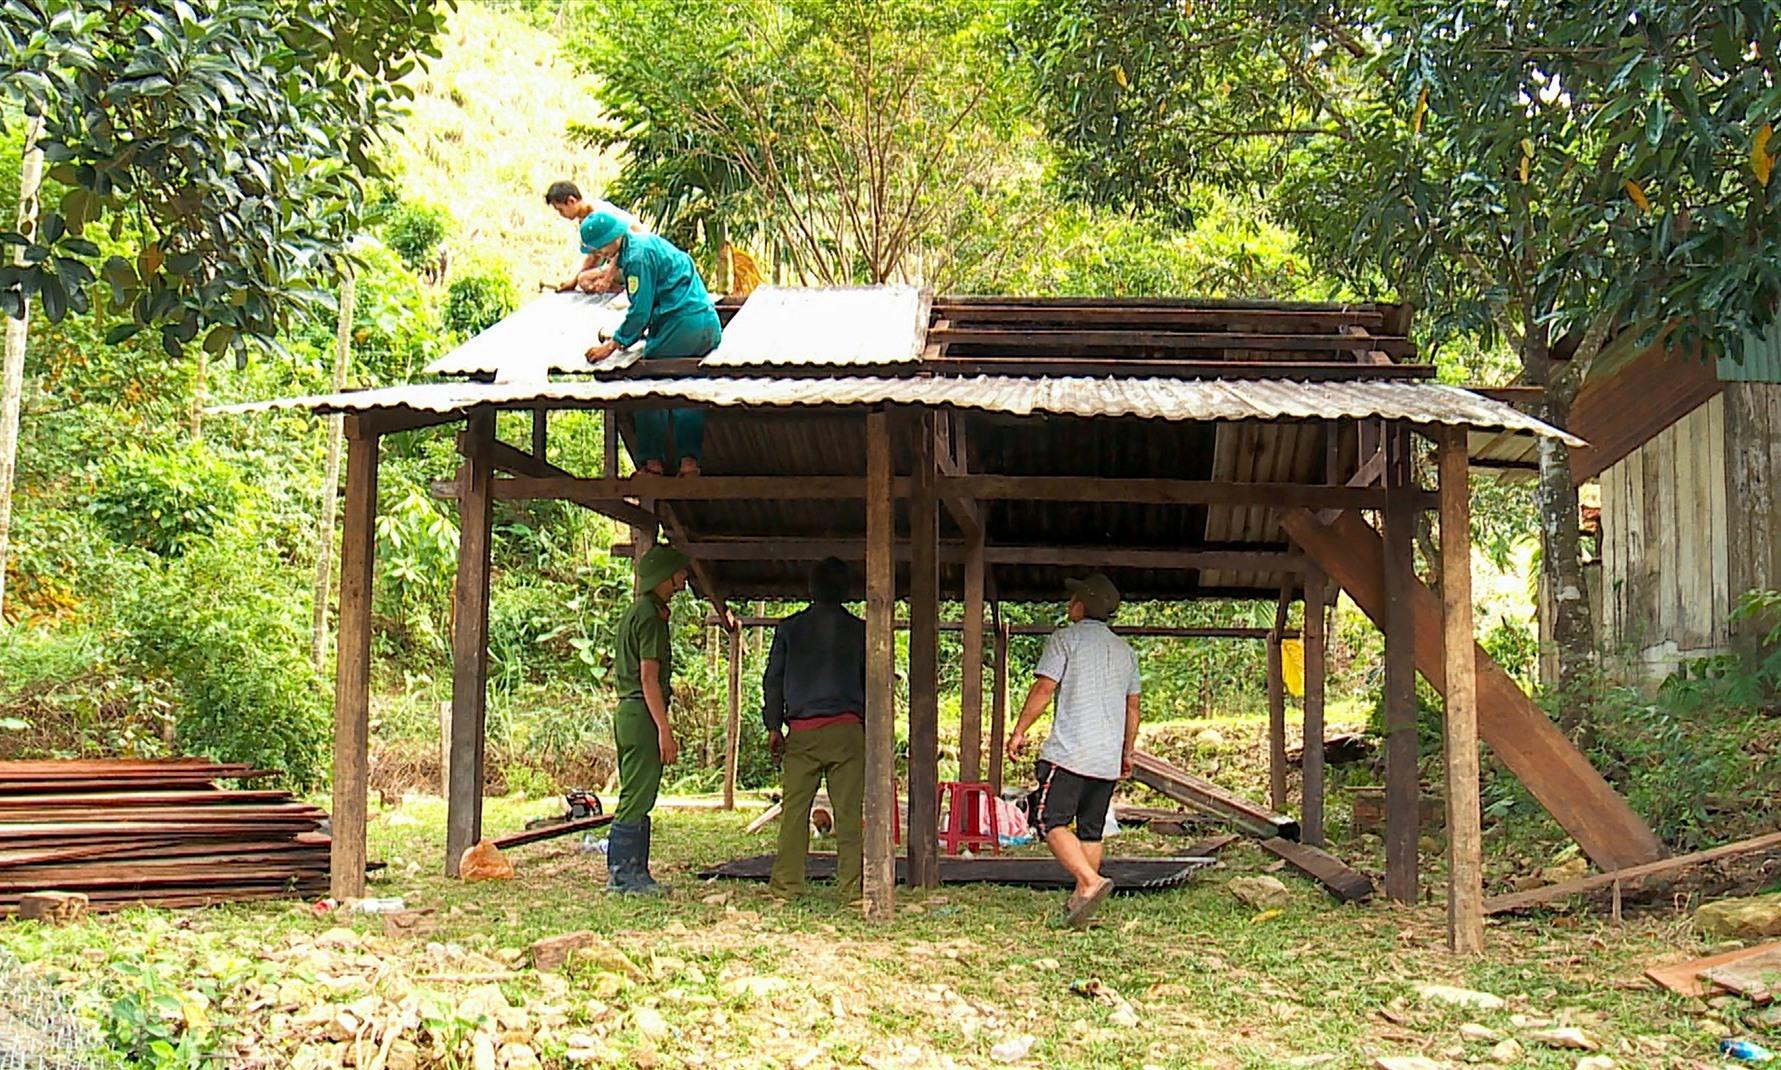 Công an xã Trà Leng hỗ trợ người dân làm nhà tạm. Ảnh: HỒ QUÂN